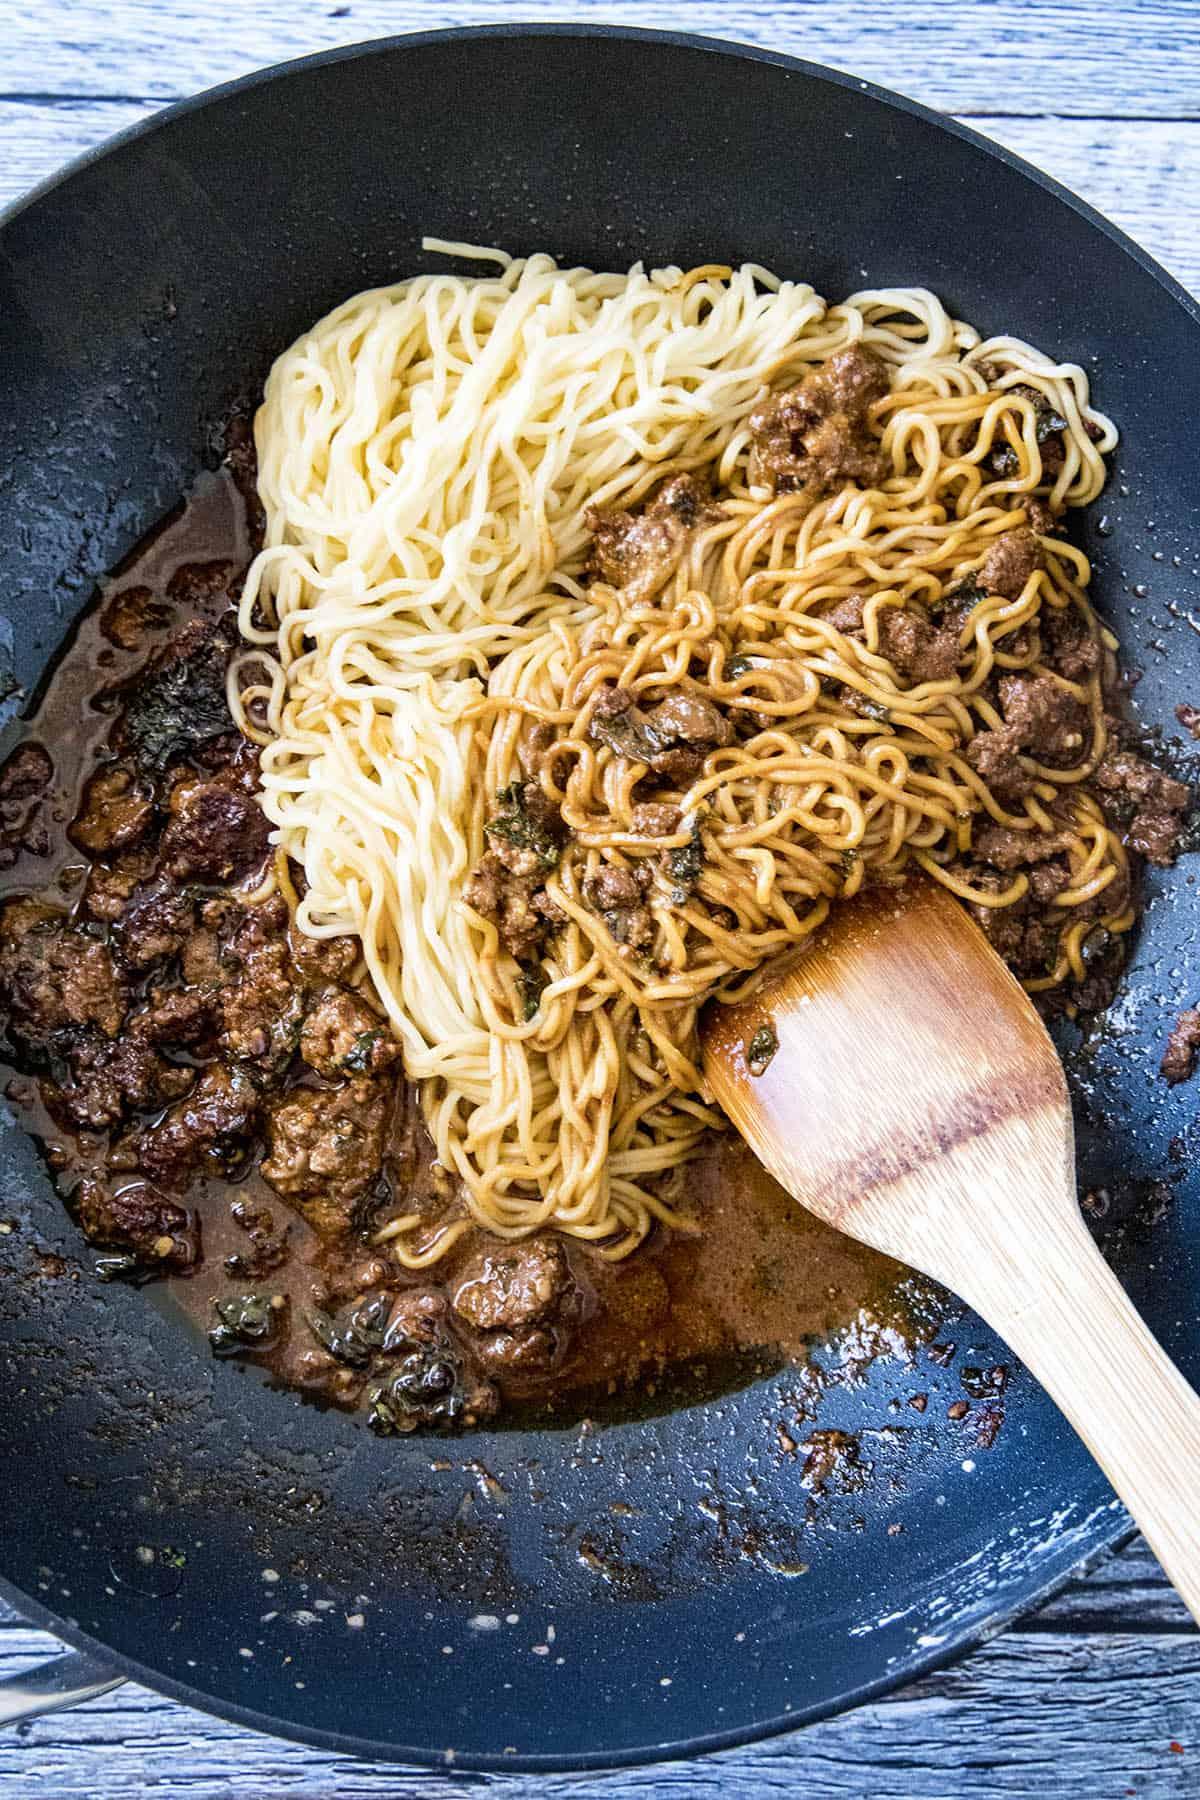 Mixing noodles and dan dan sauce to make dan dan noodles